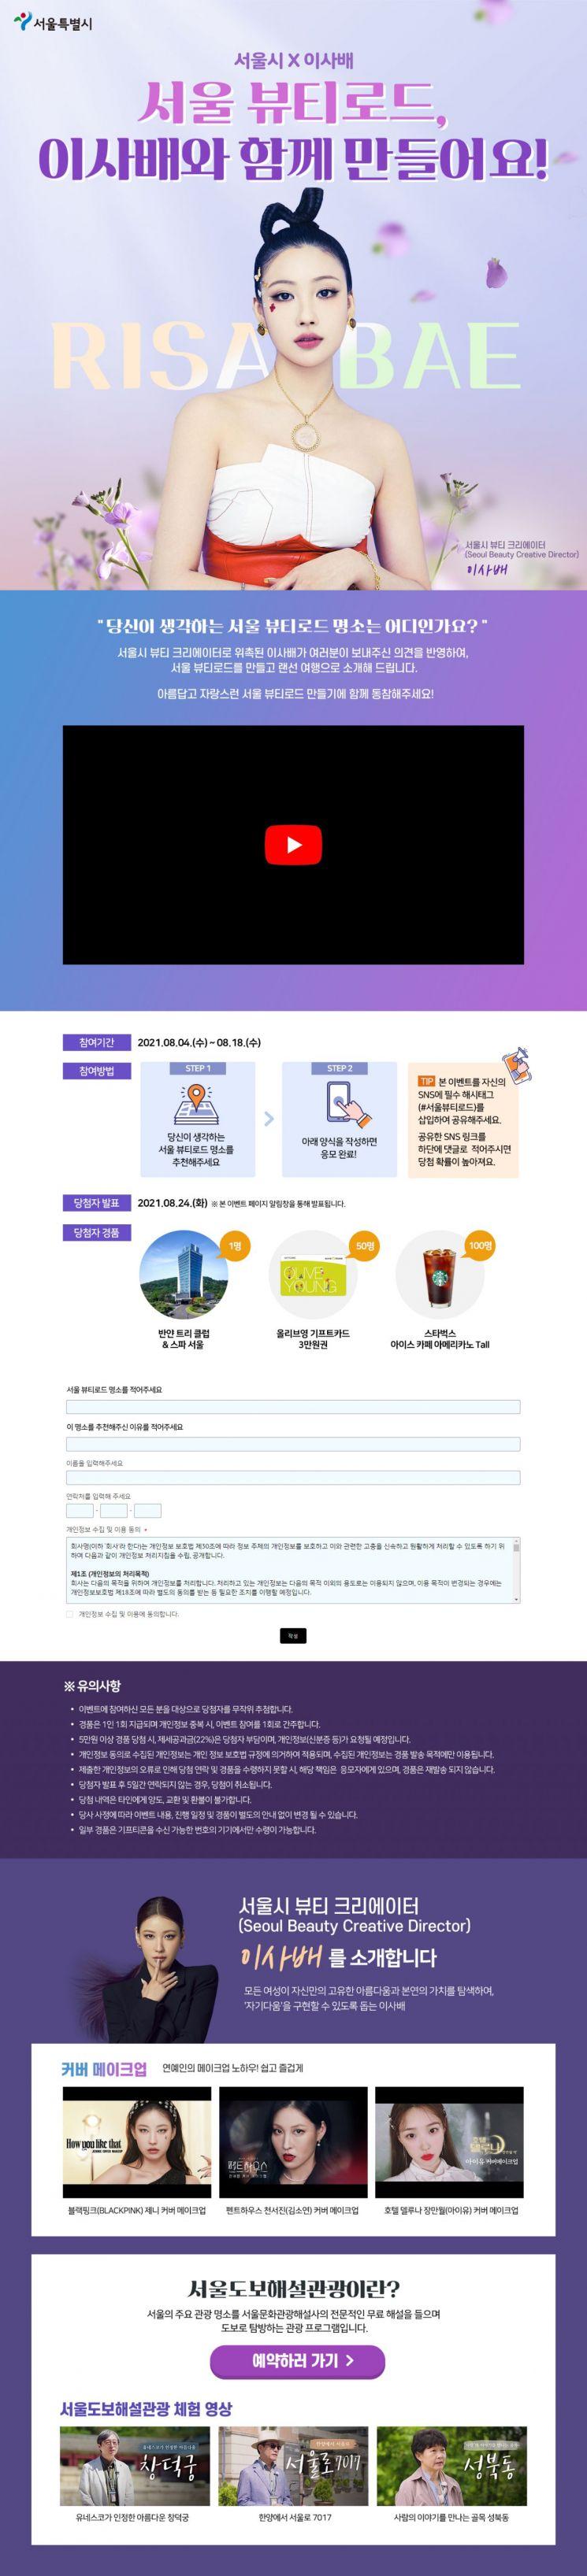 서울시, 뷰티 명소 체험관광 '서울 뷰티로드' 개발…이사배 홍보대사 위촉